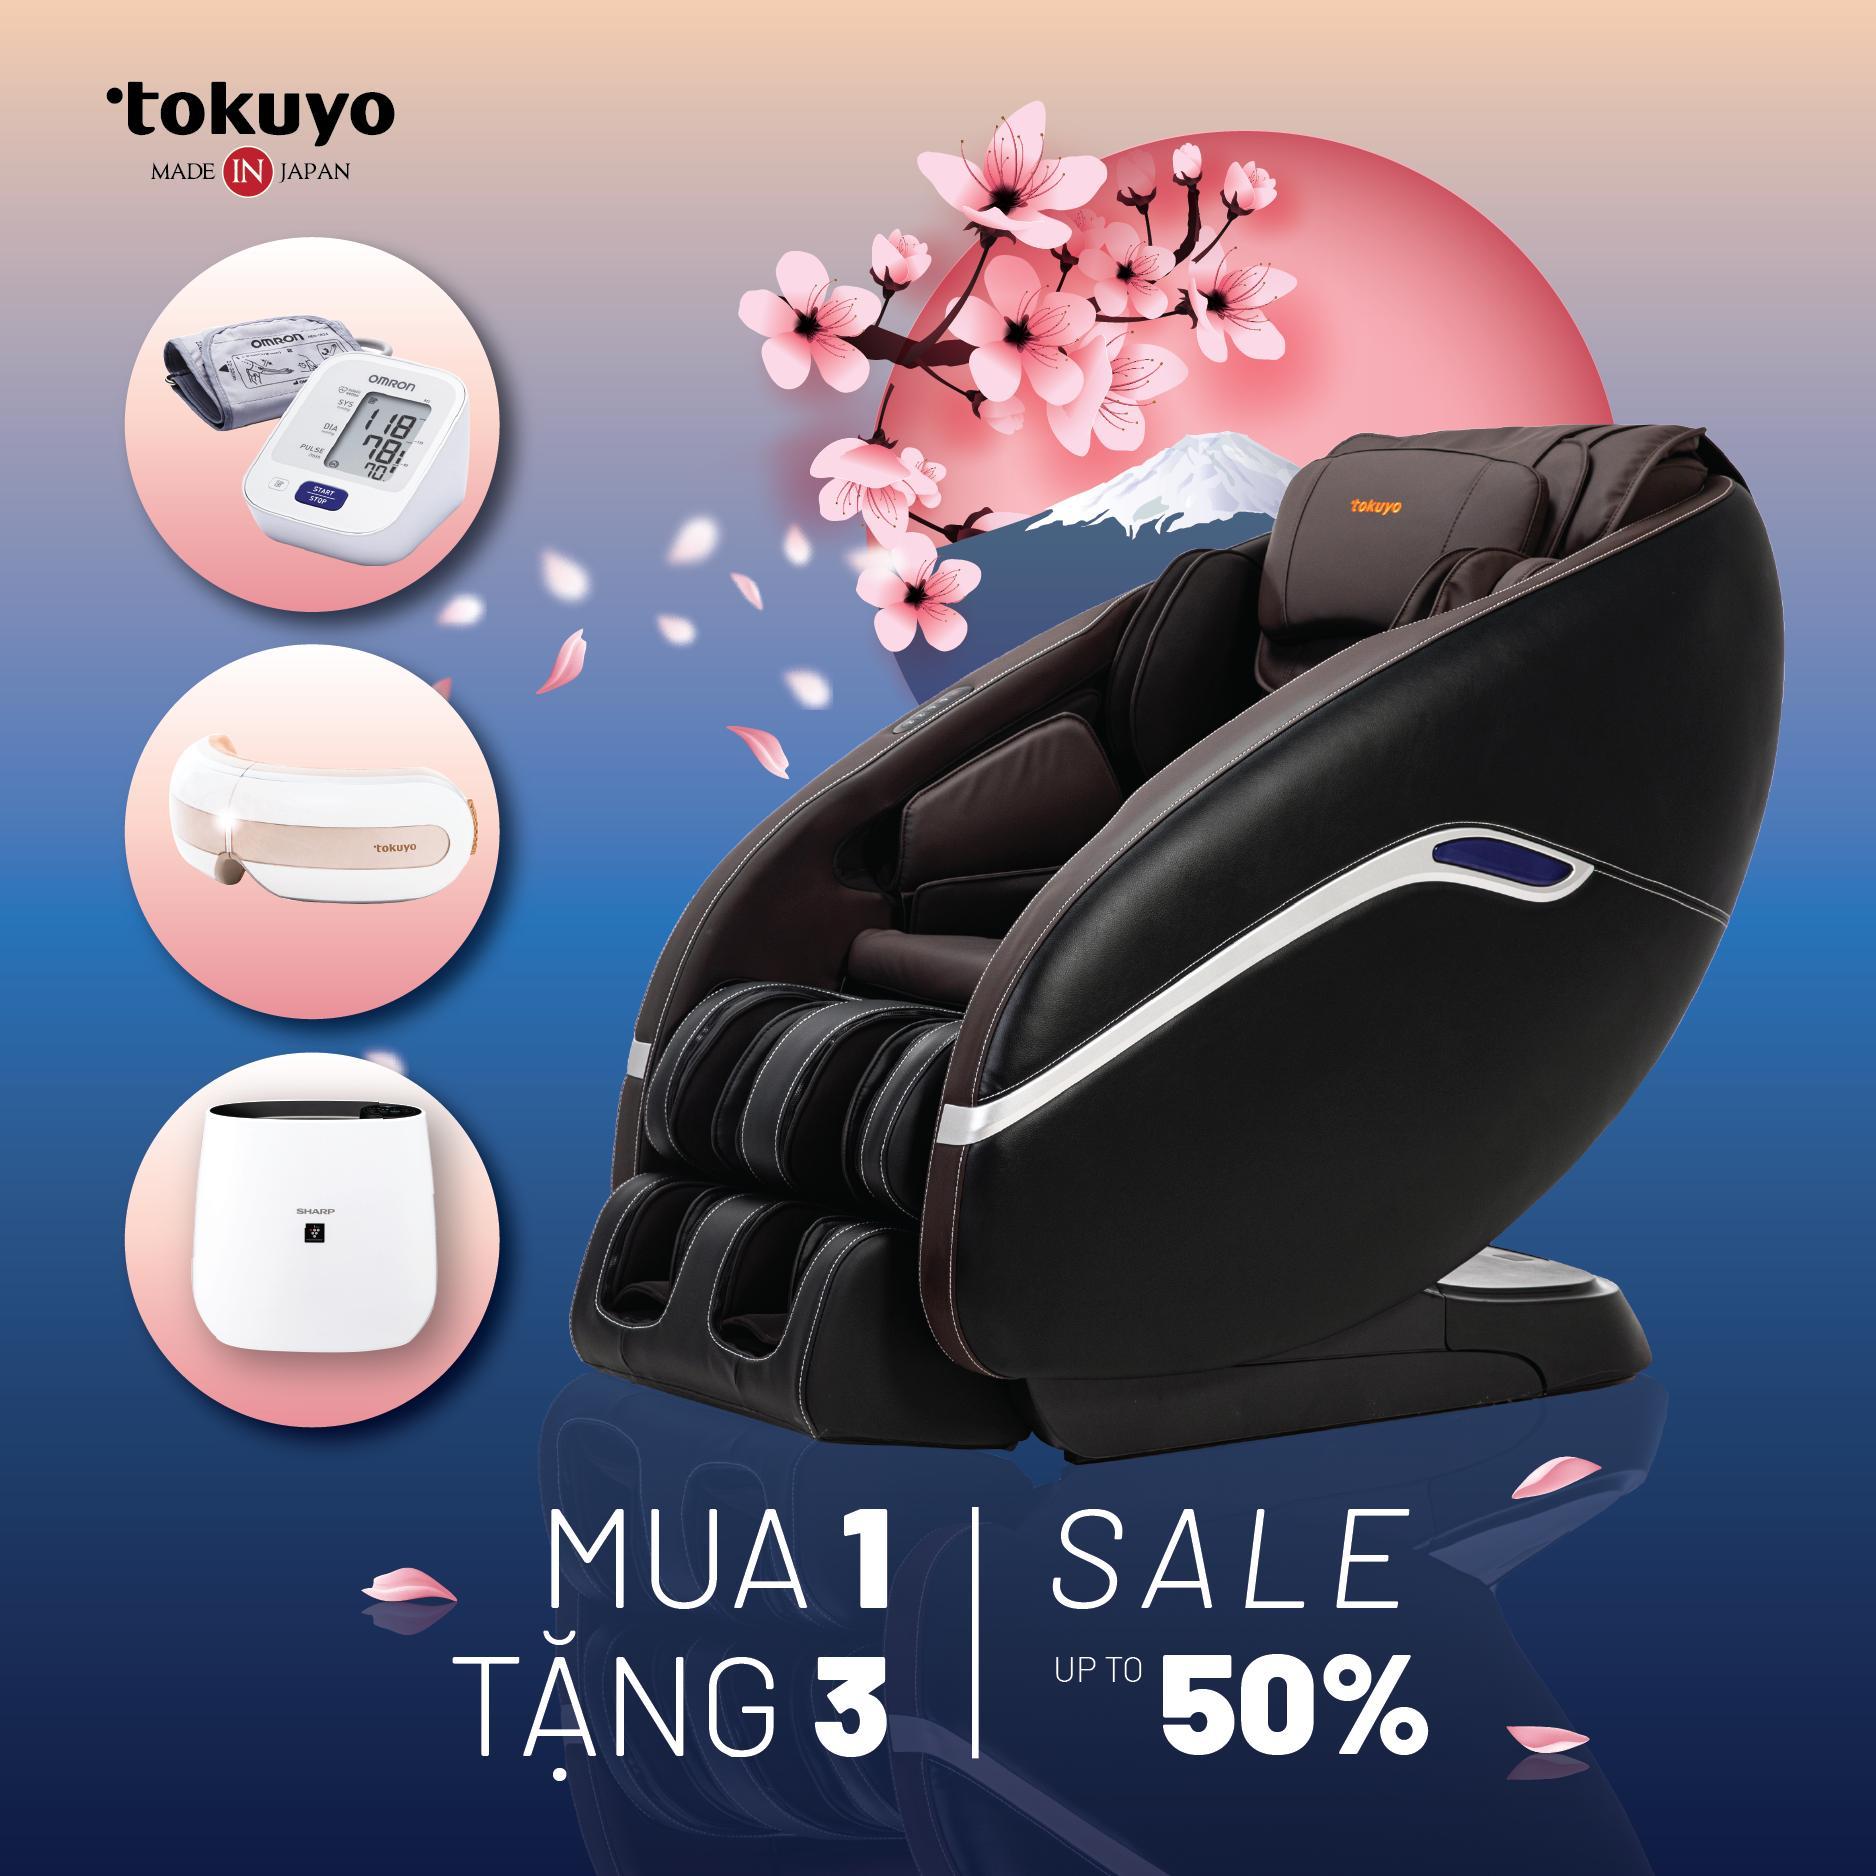 Ghế Massage Sản Xuất Tại Nội Địa Nhật - Tokuyo JC-3730